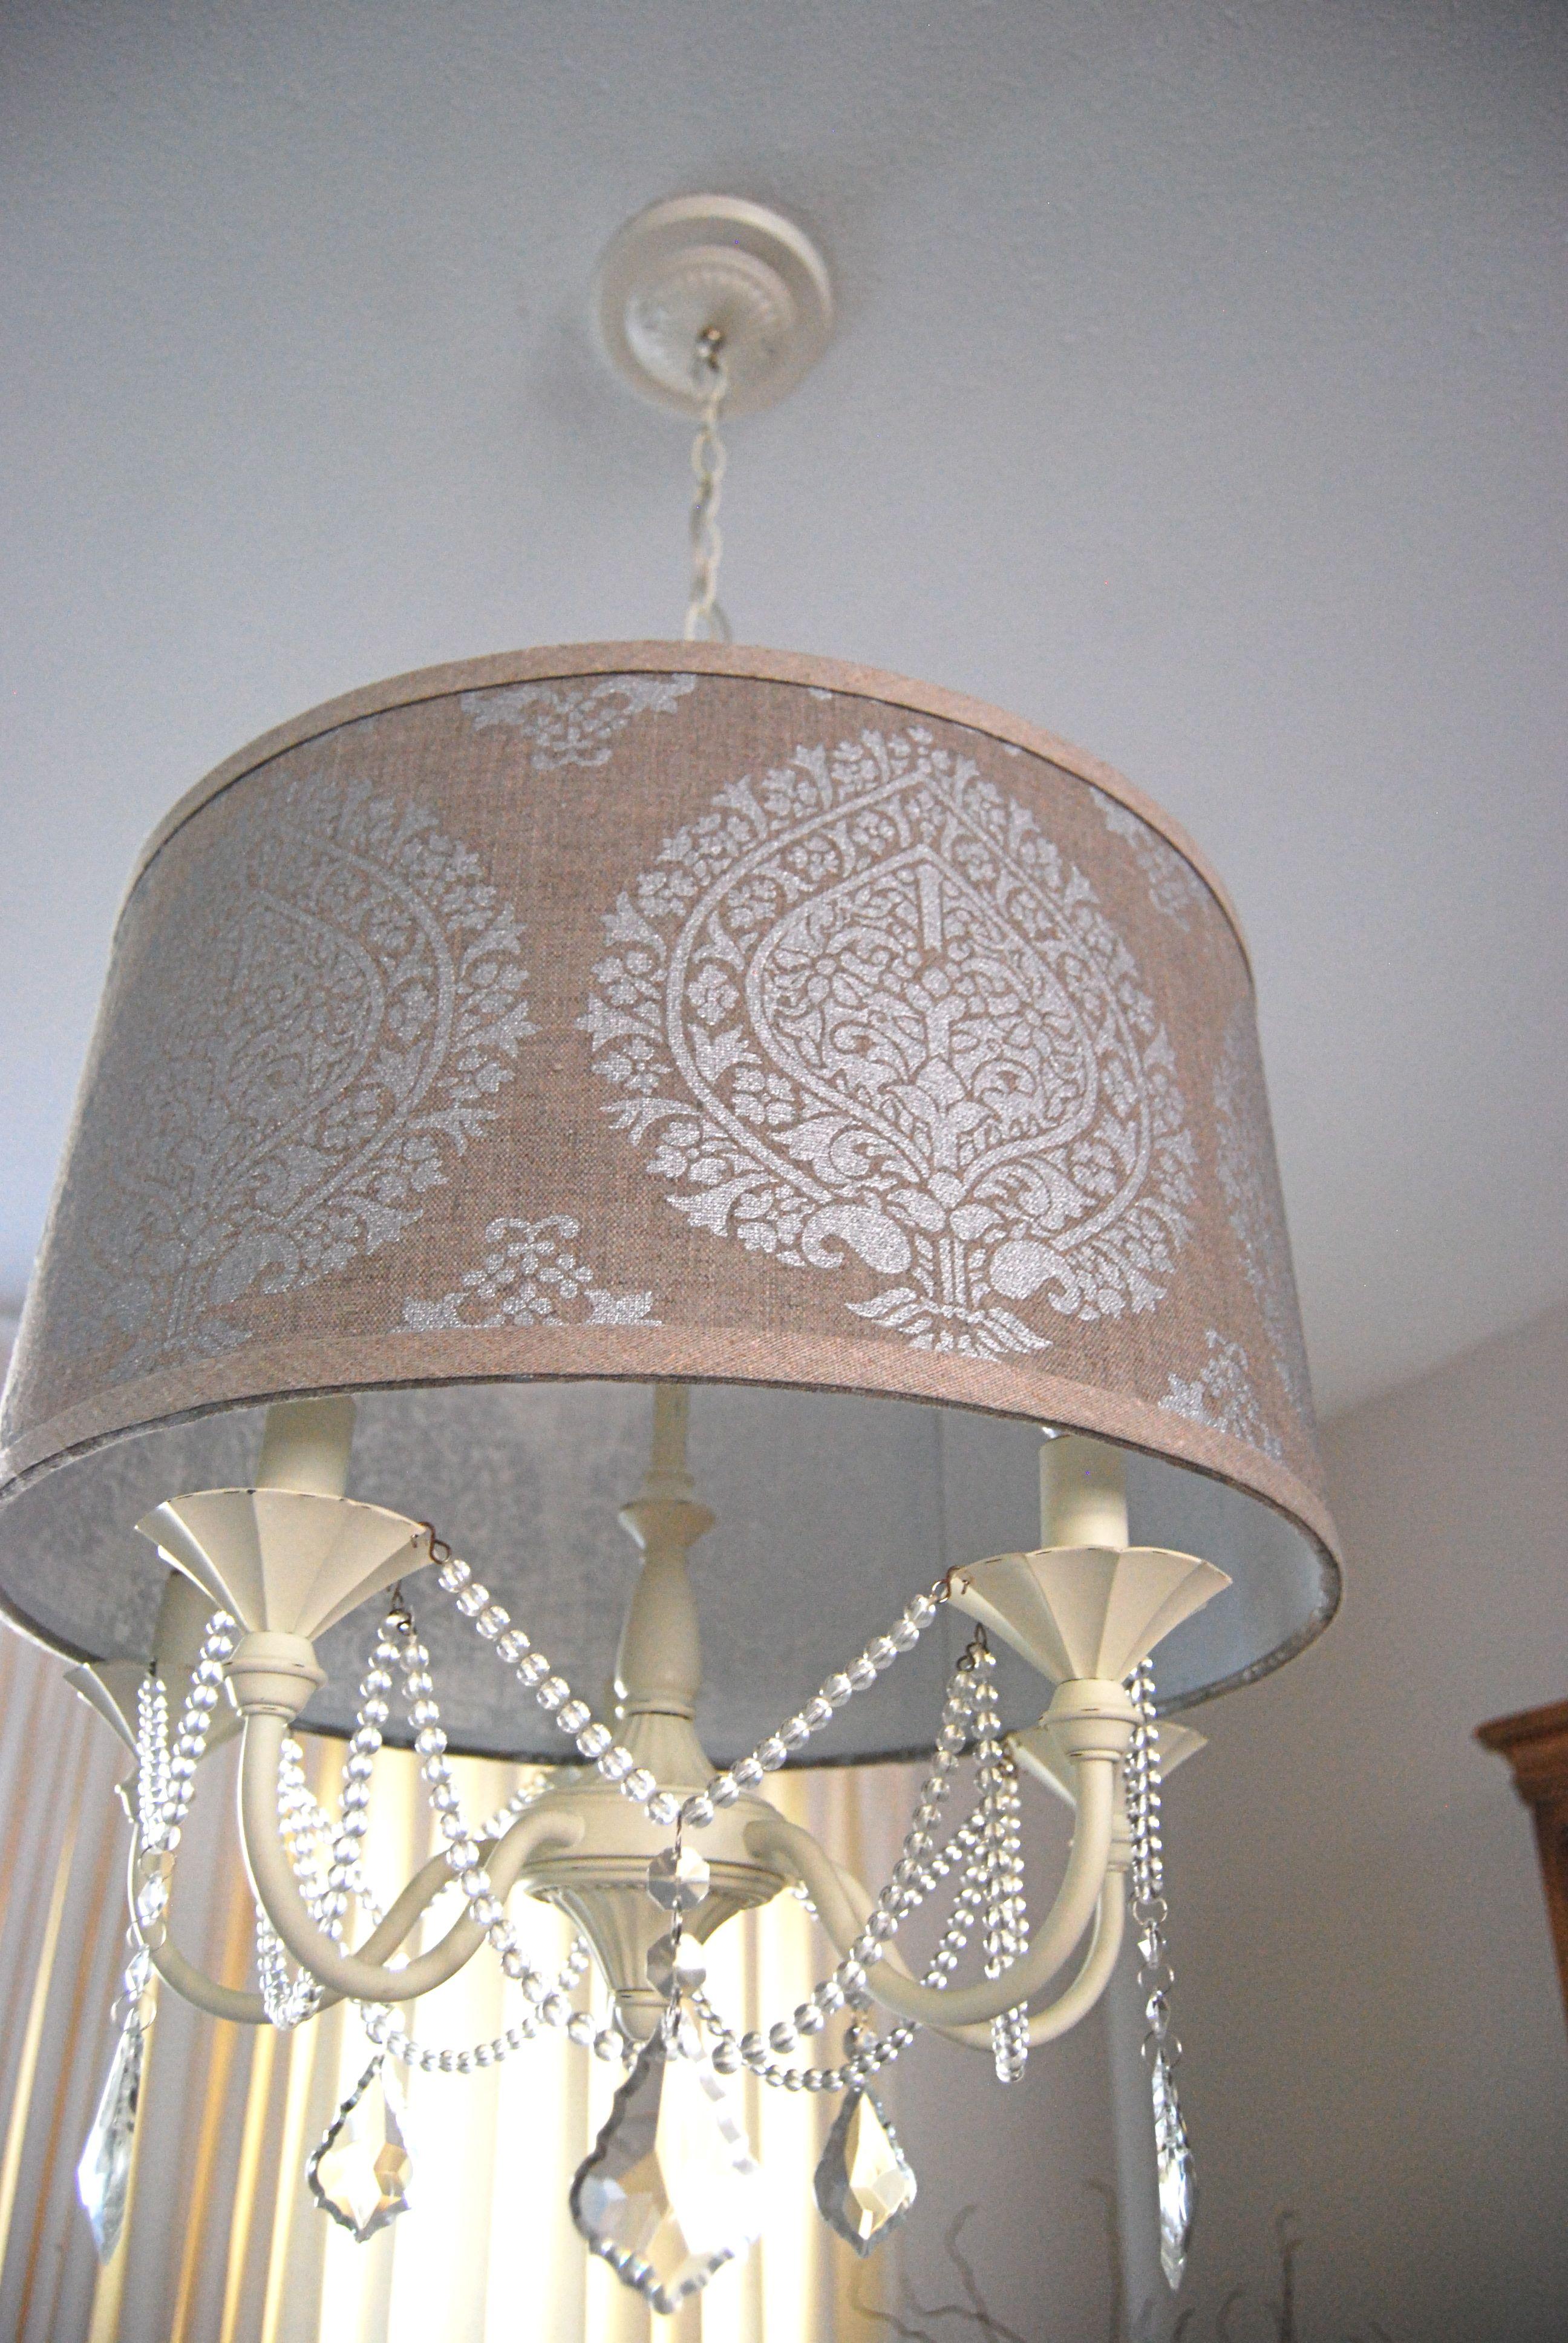 Chandelier makeover on pinterest drum shade chandelier for Chandelier craft ideas